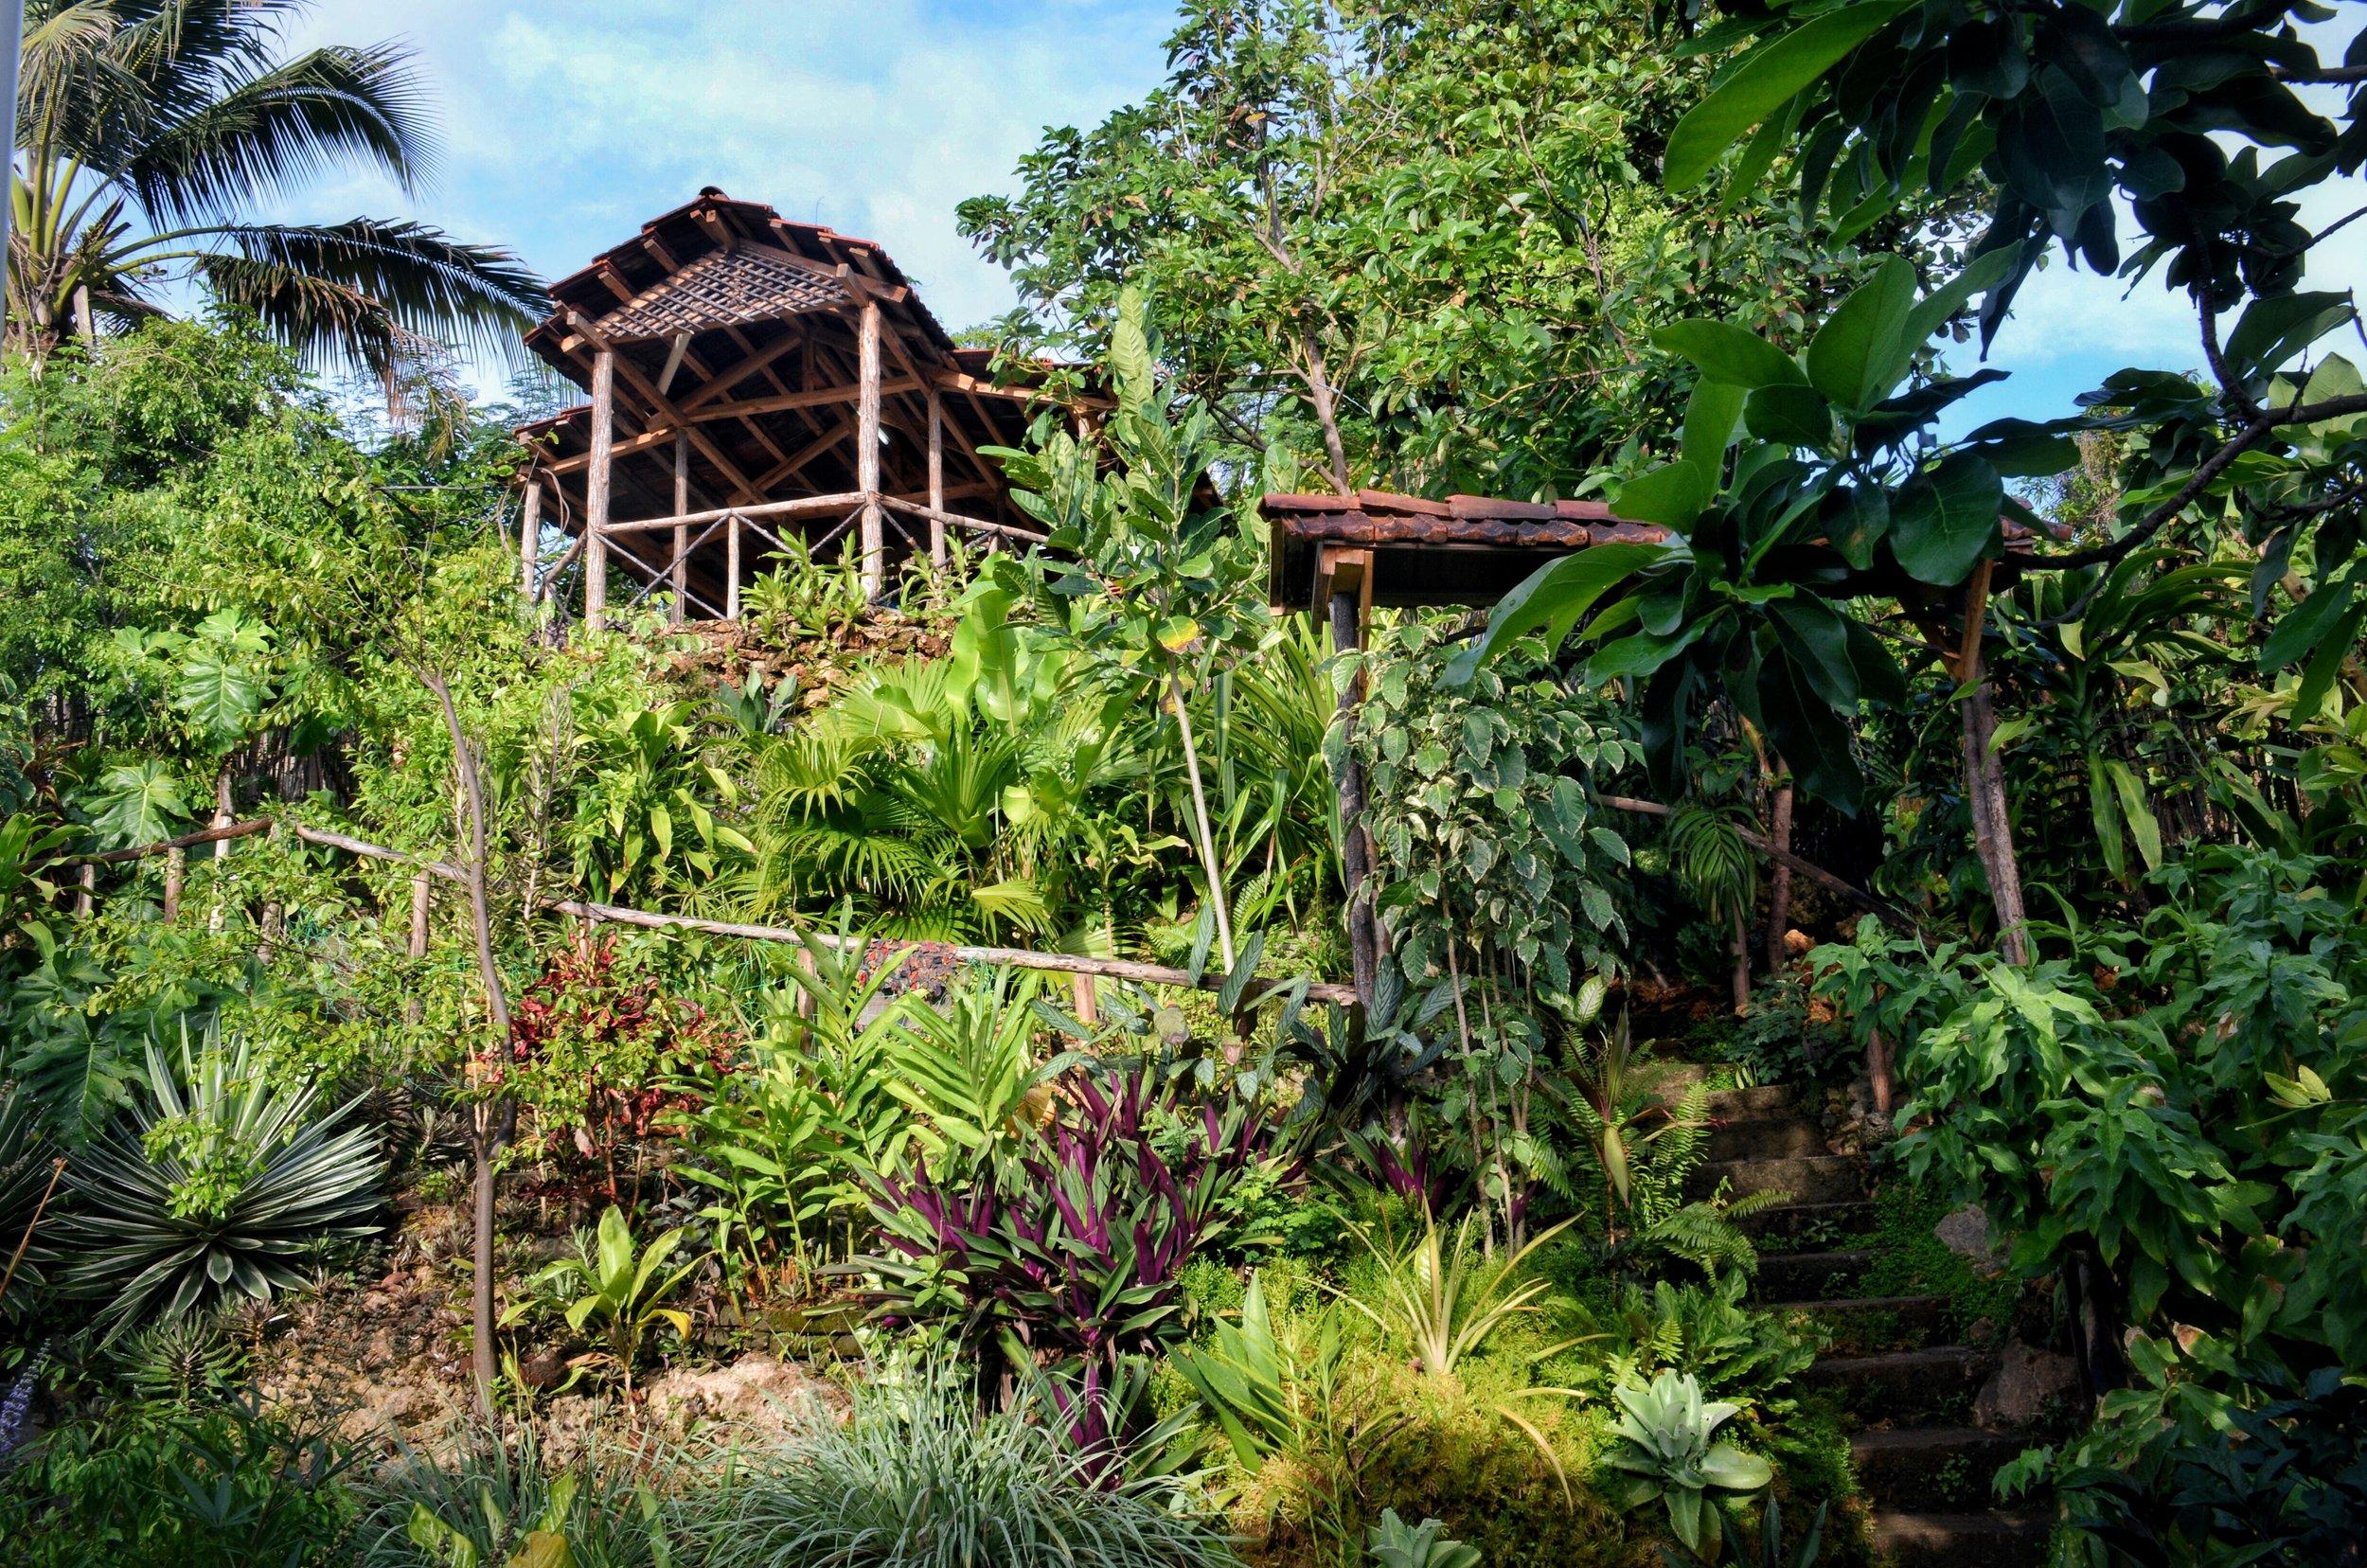 Villa Paradiso Garden, Baracoa, Cuba